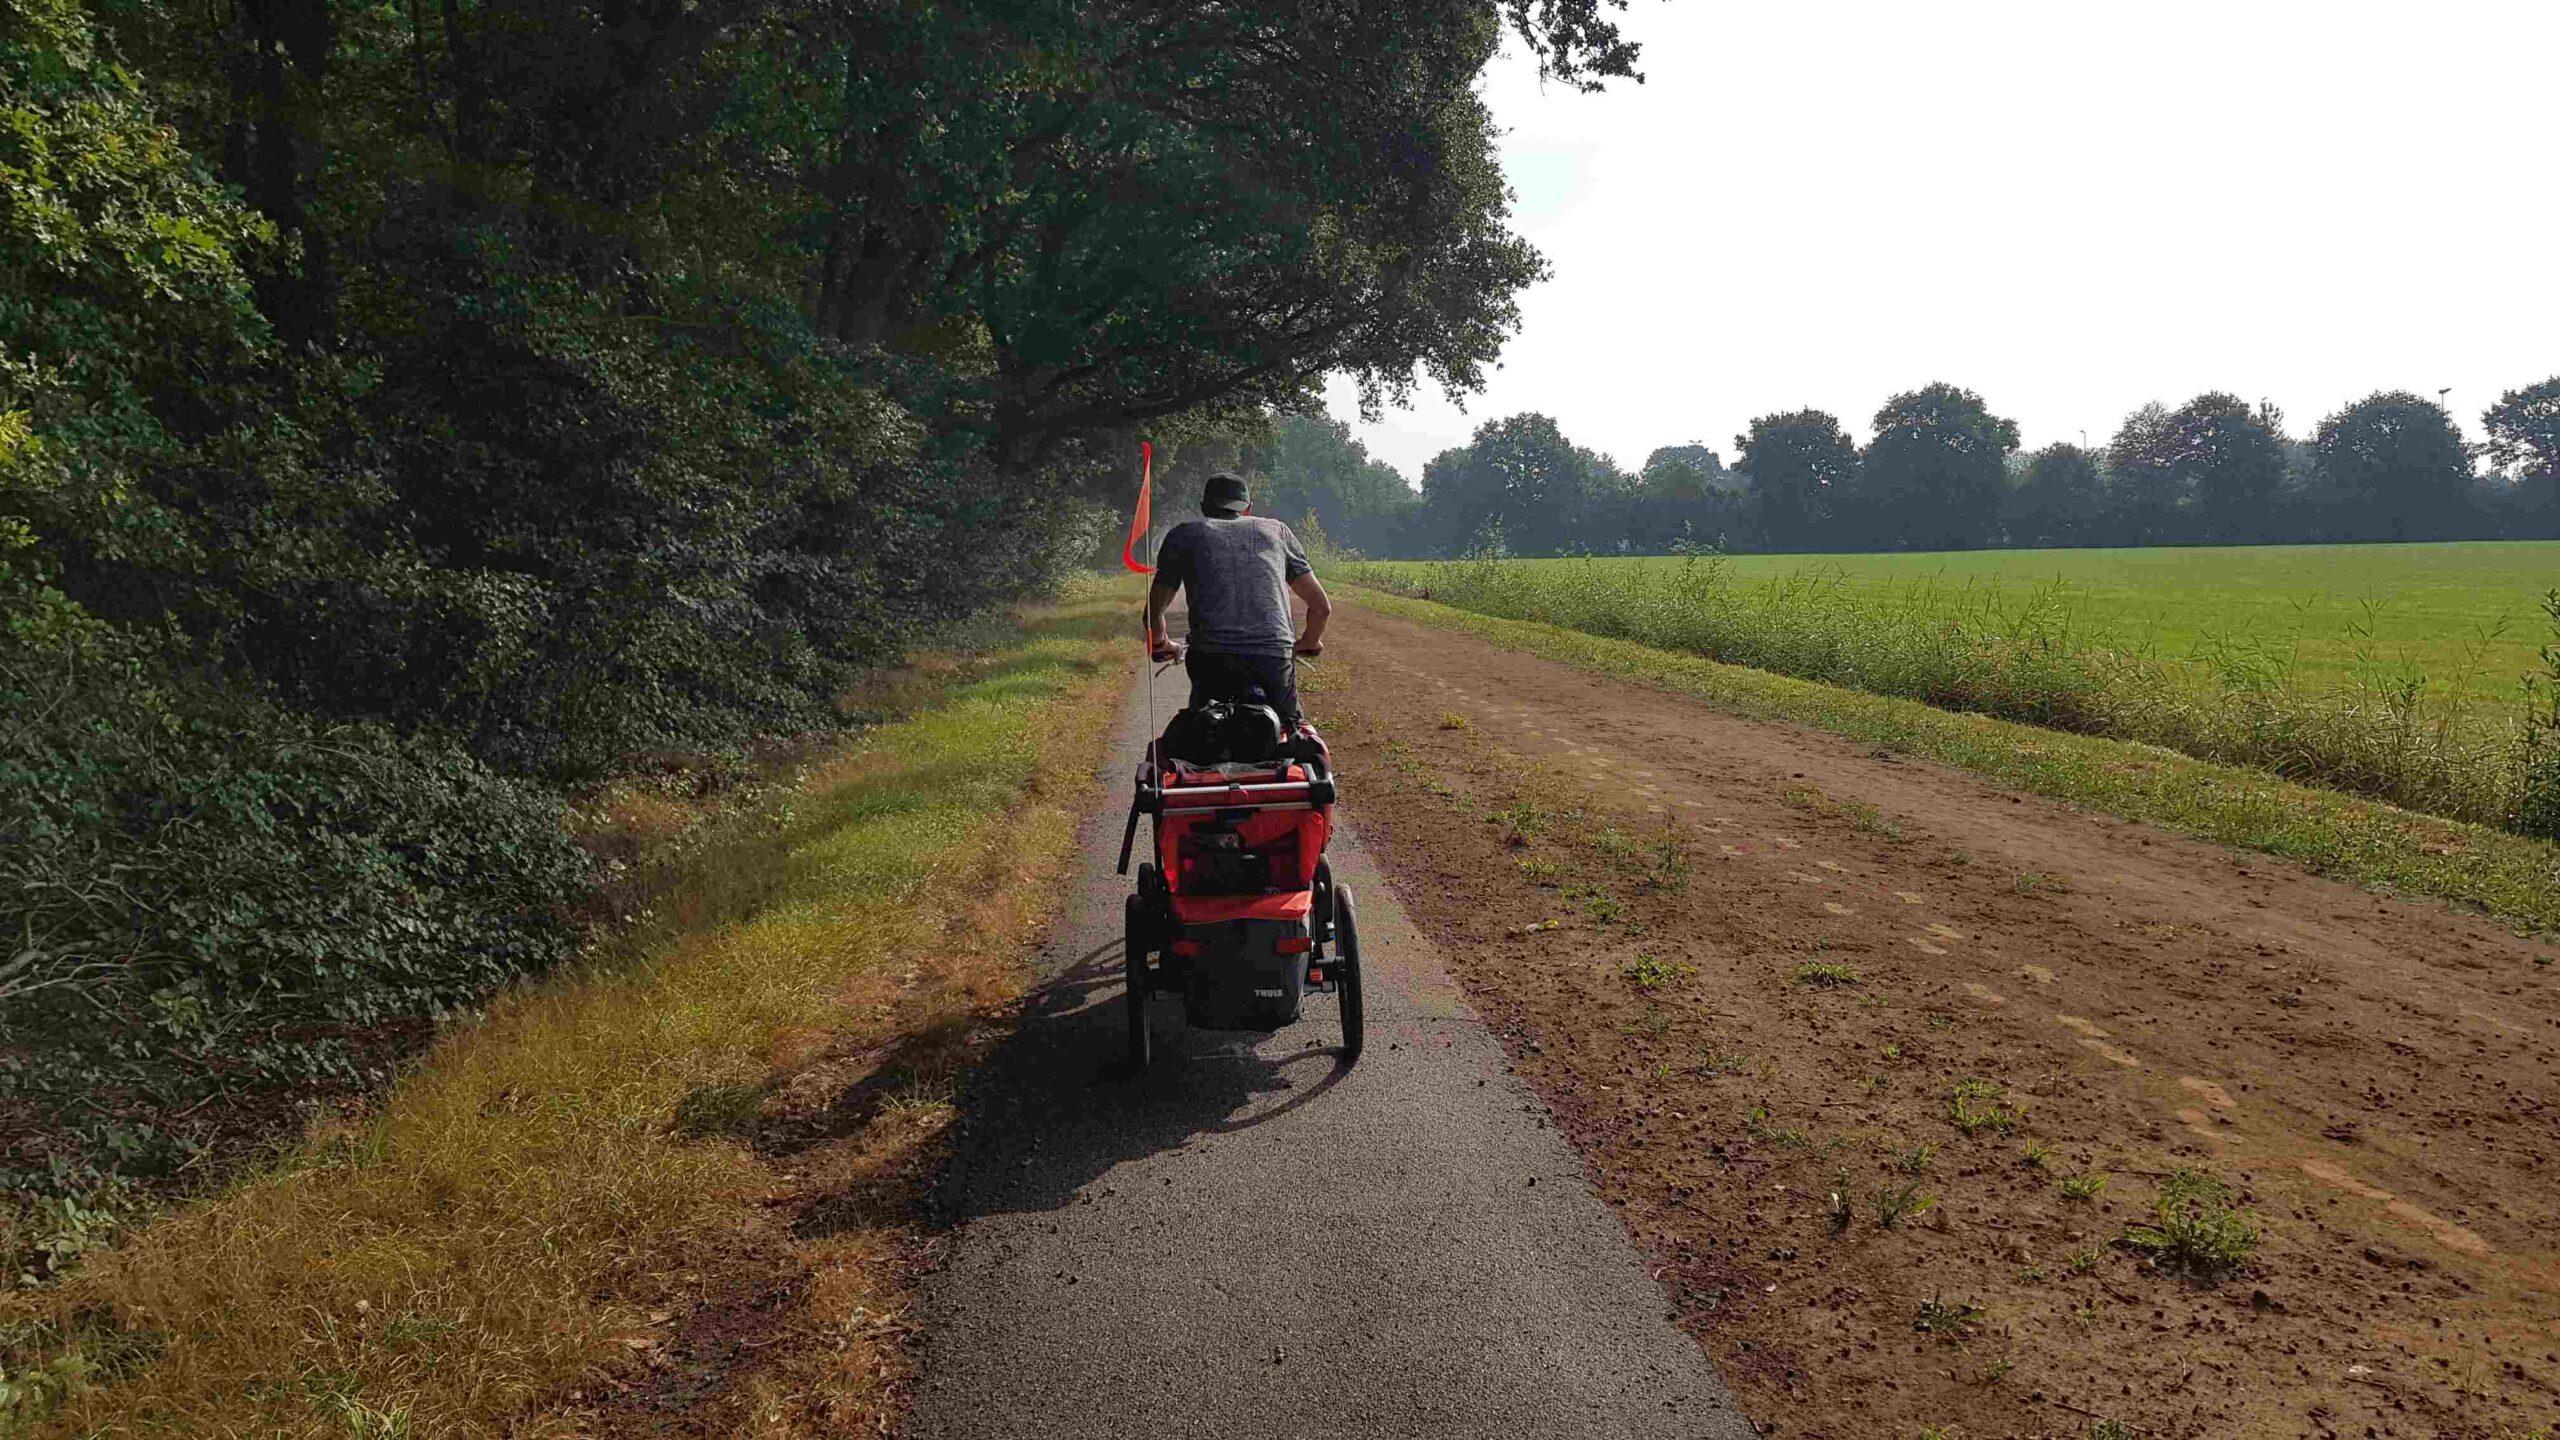 Rondje-Nederland-op-de-fiets-morgenzonnetje